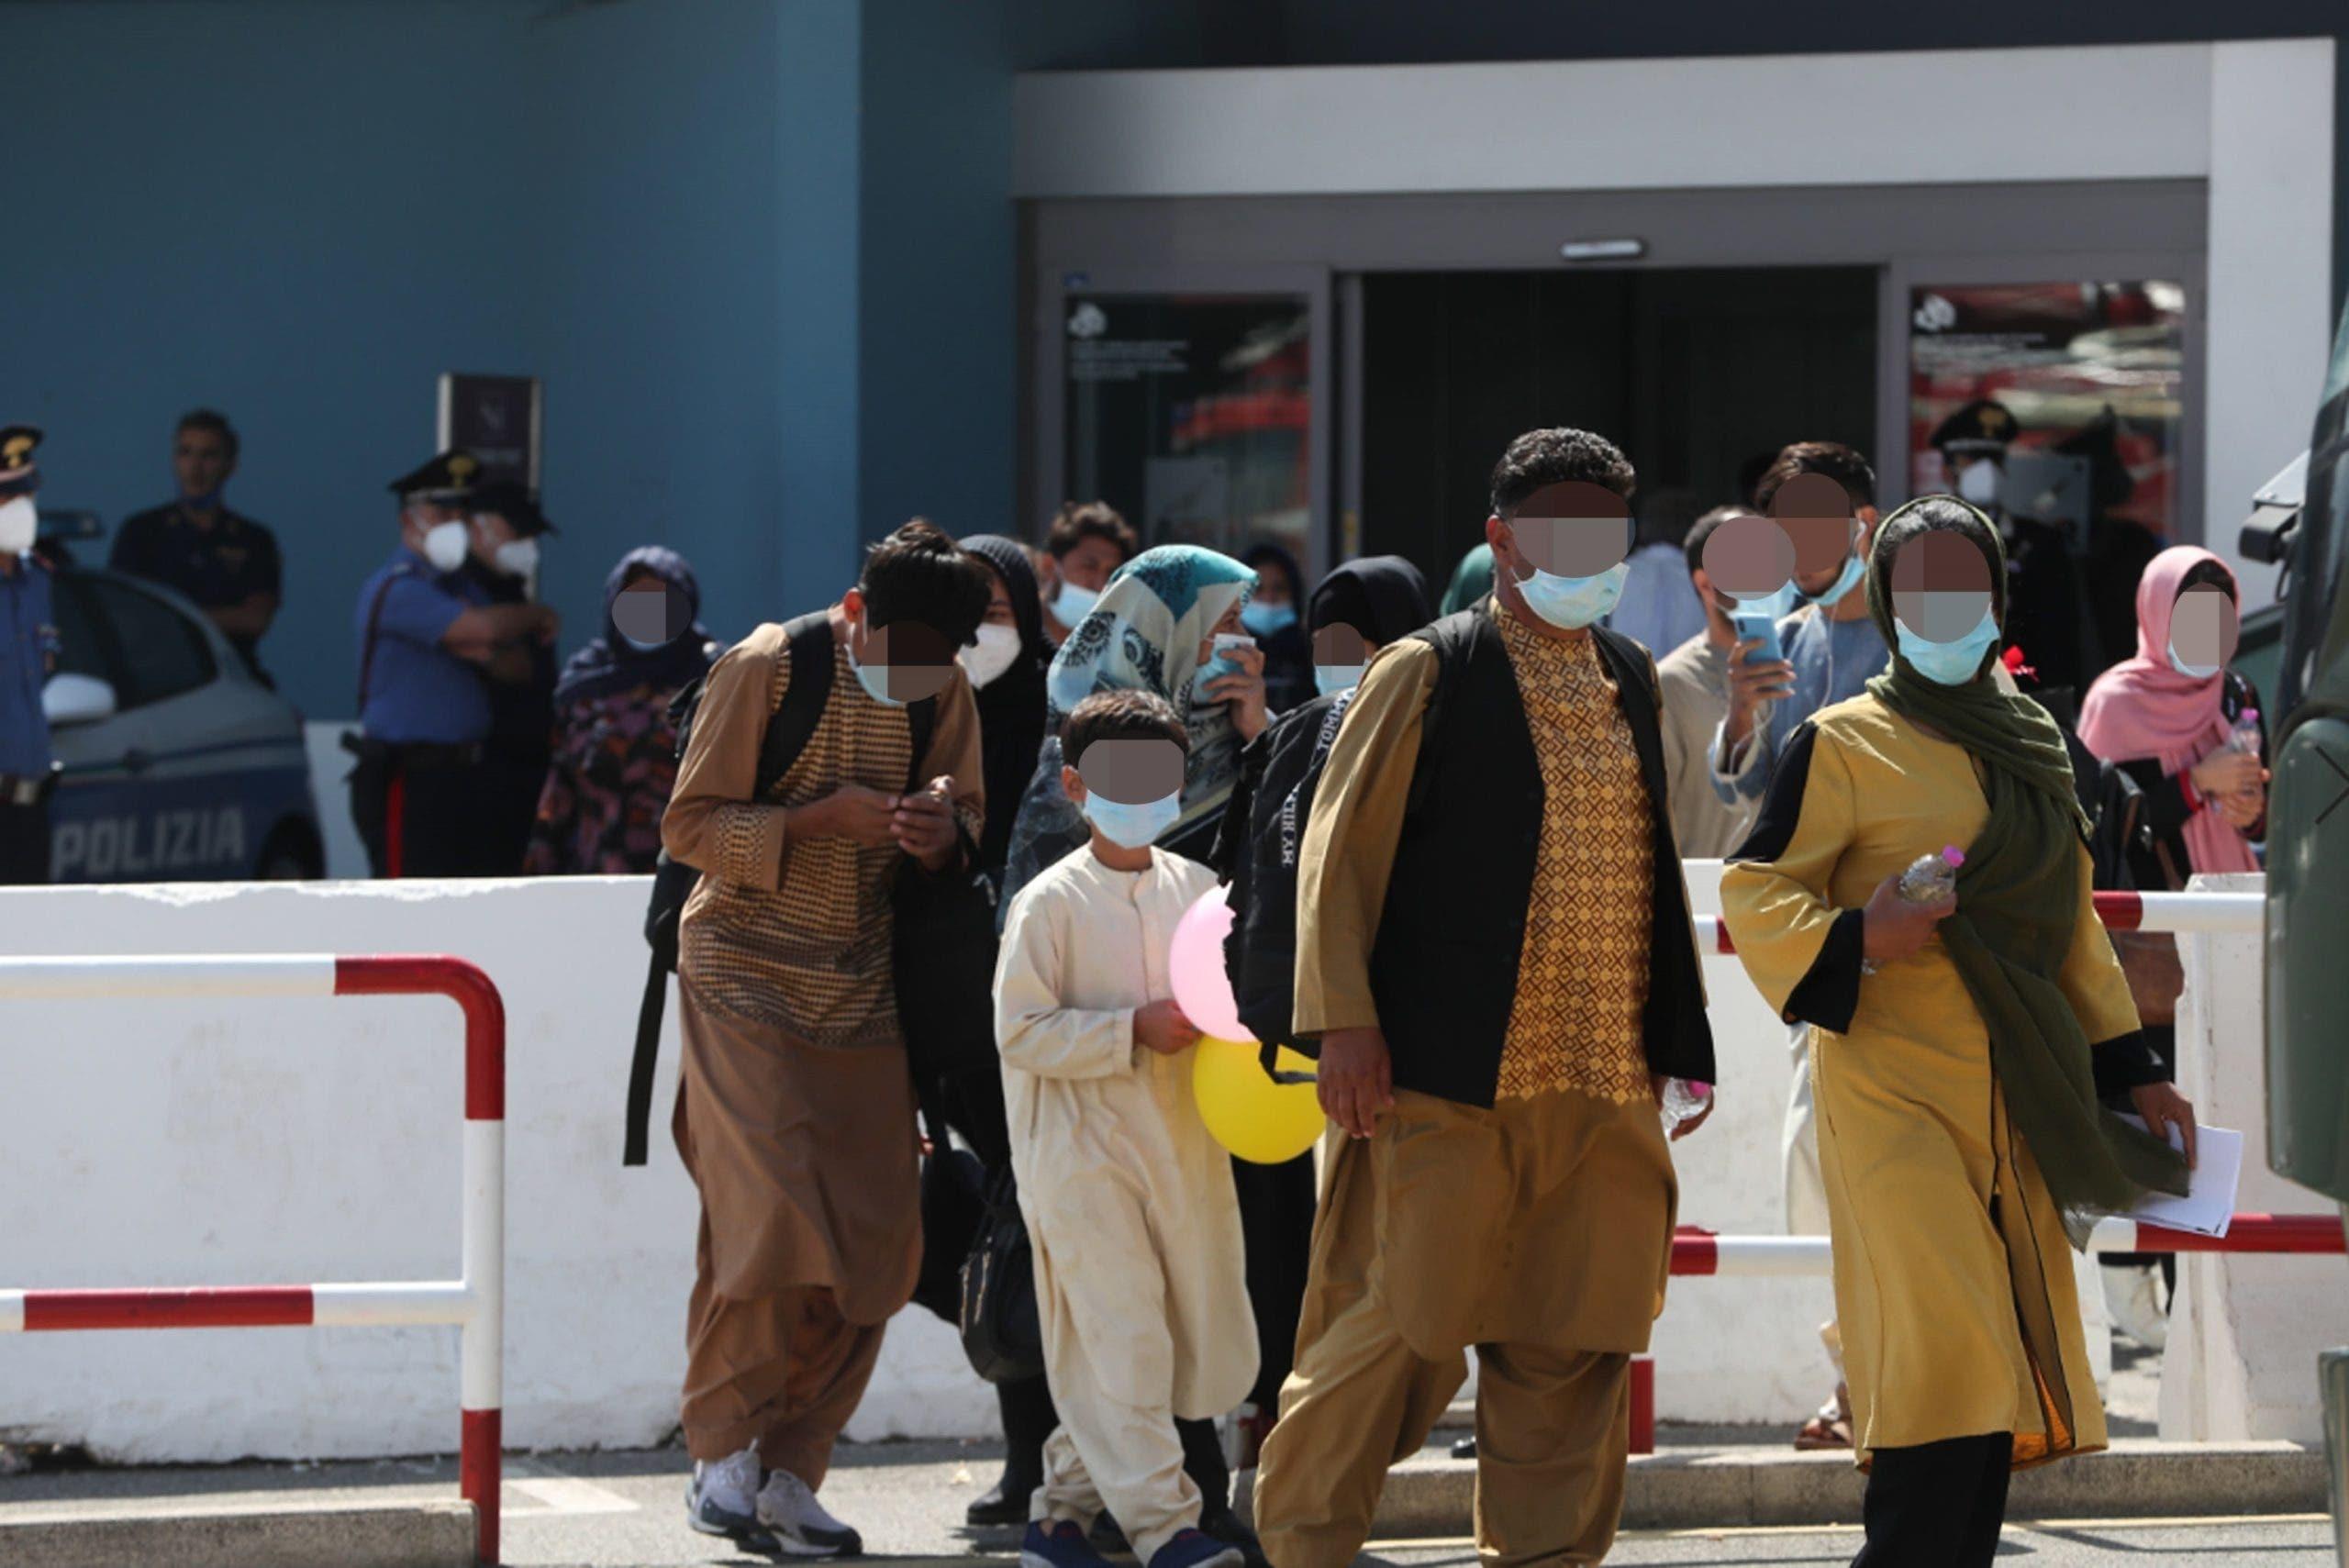 EE.UU. revela la identidad de los 13 soldados muertos en el atentado de Kabul